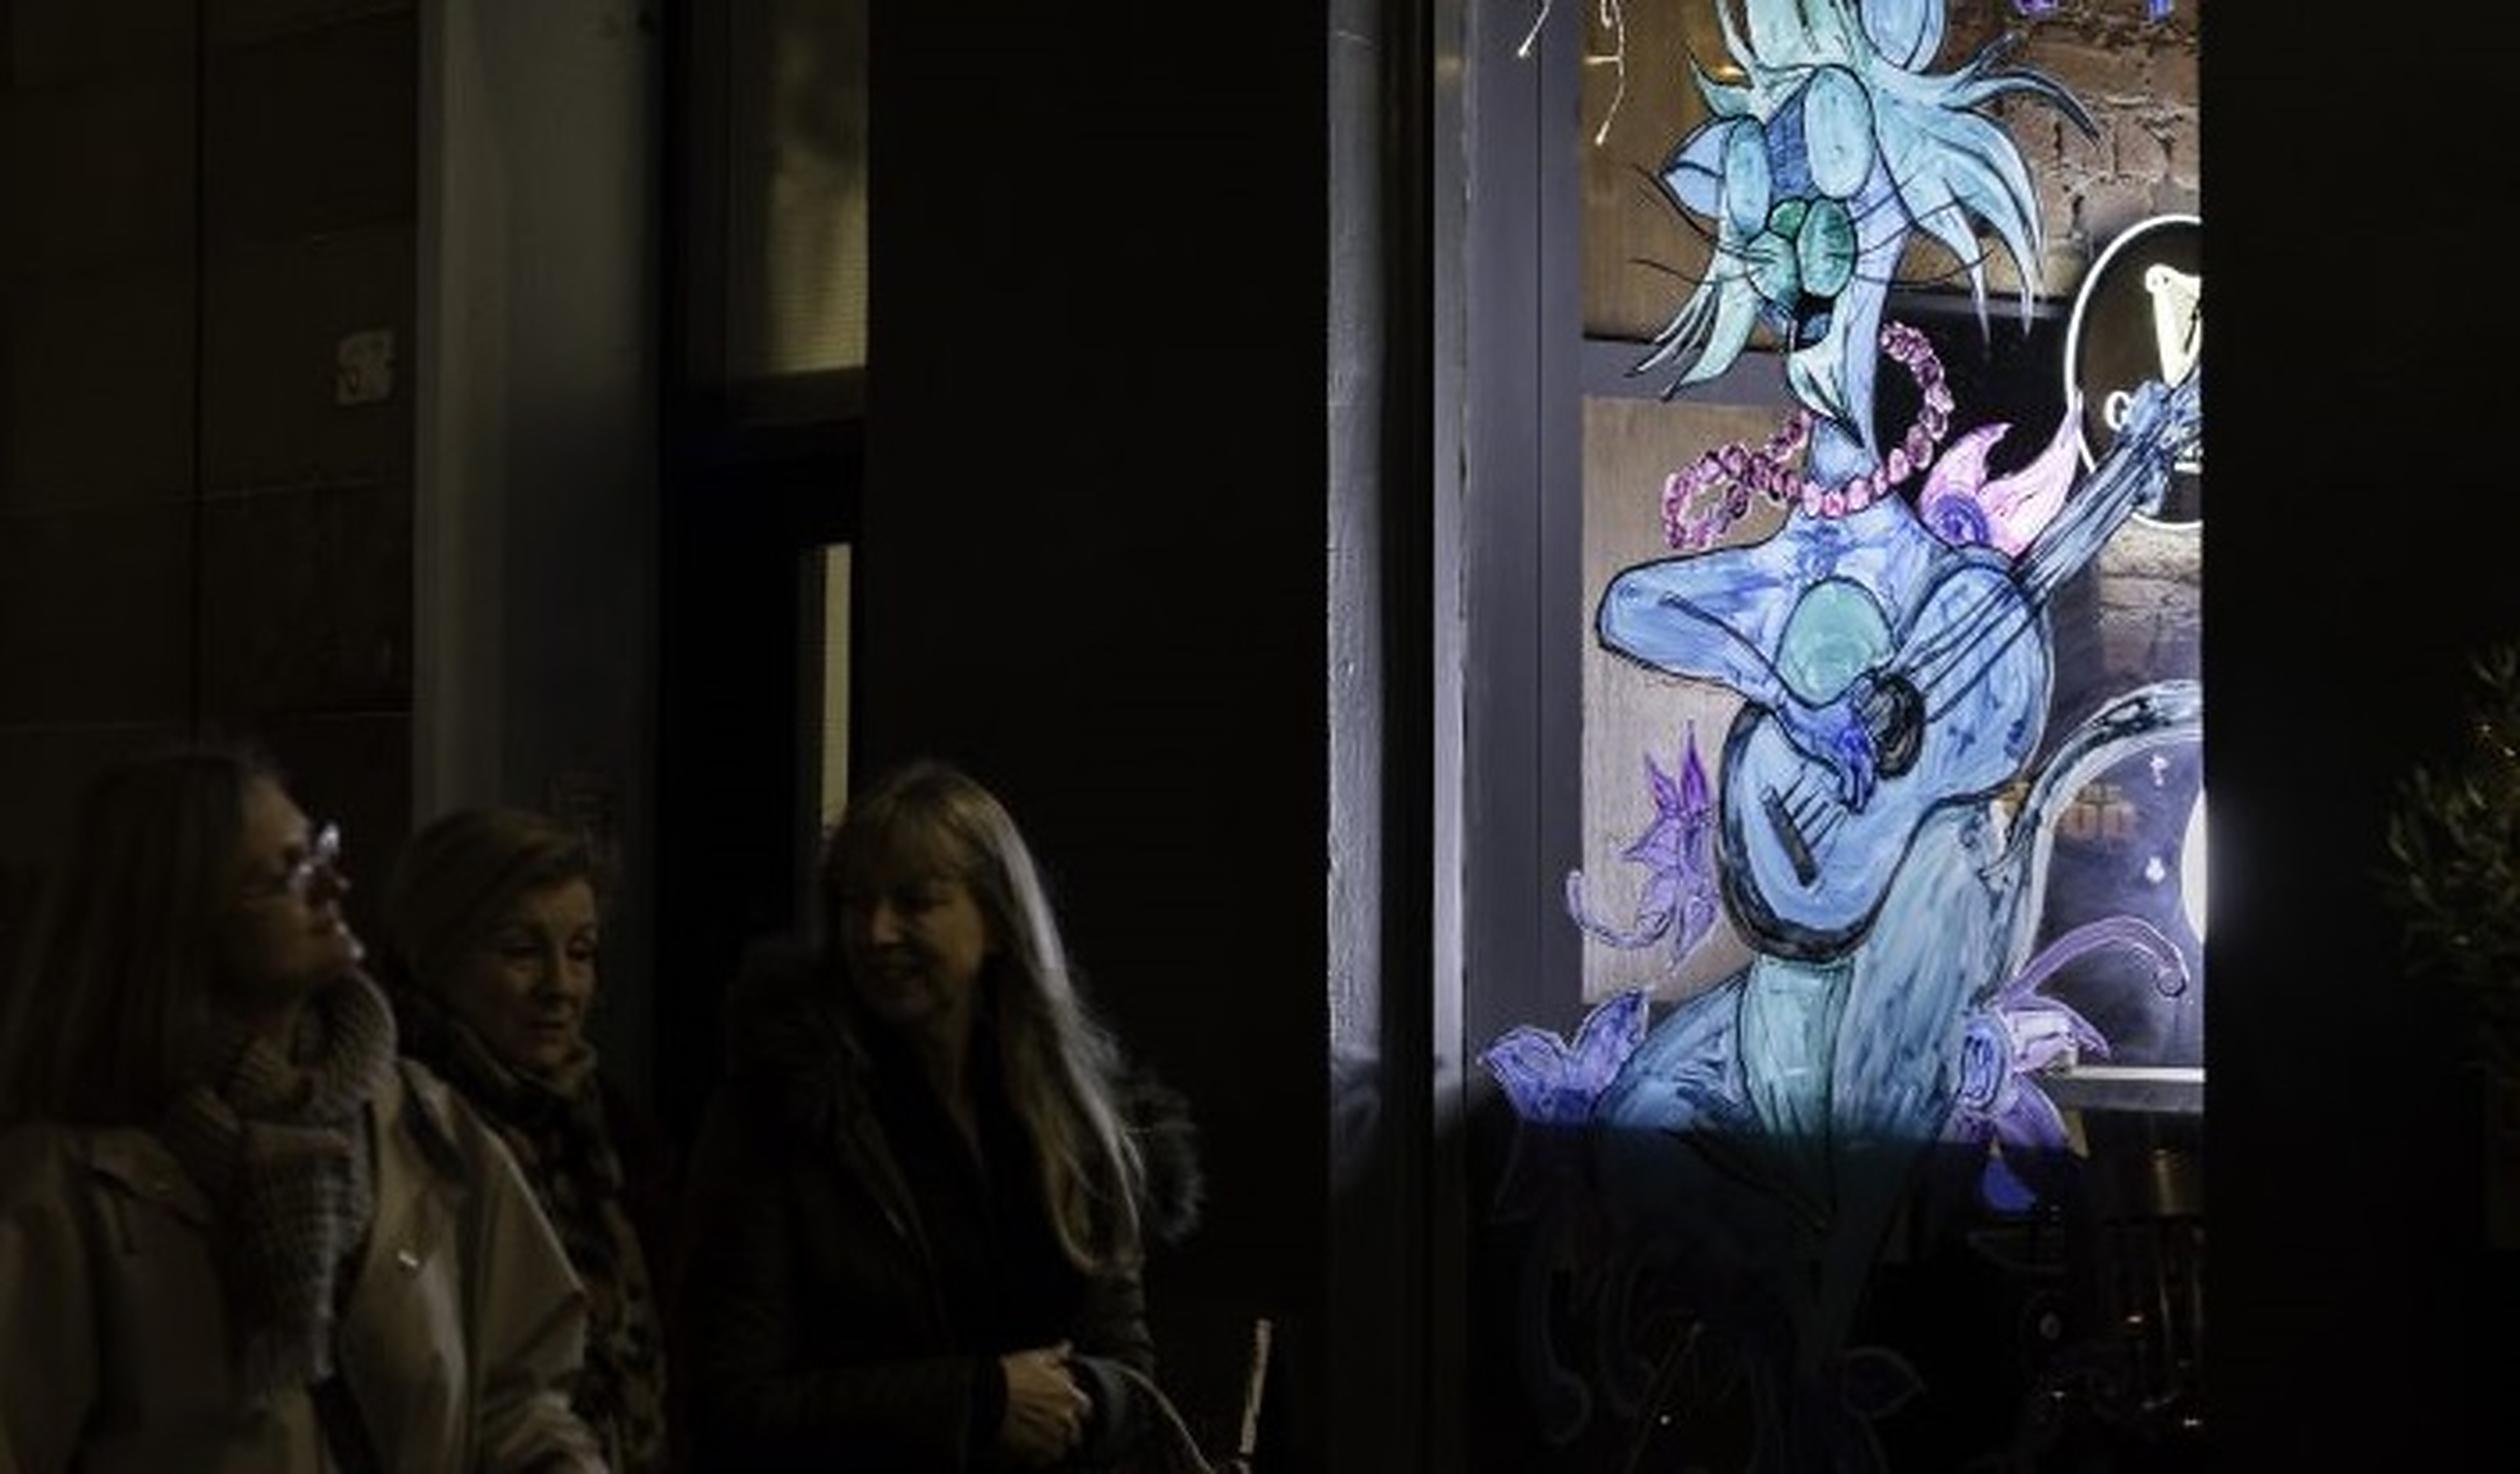 Socializare la distanță| Britanicii își transformă ferestrele în vitrine colorate, pentru a înveseli comunitatea